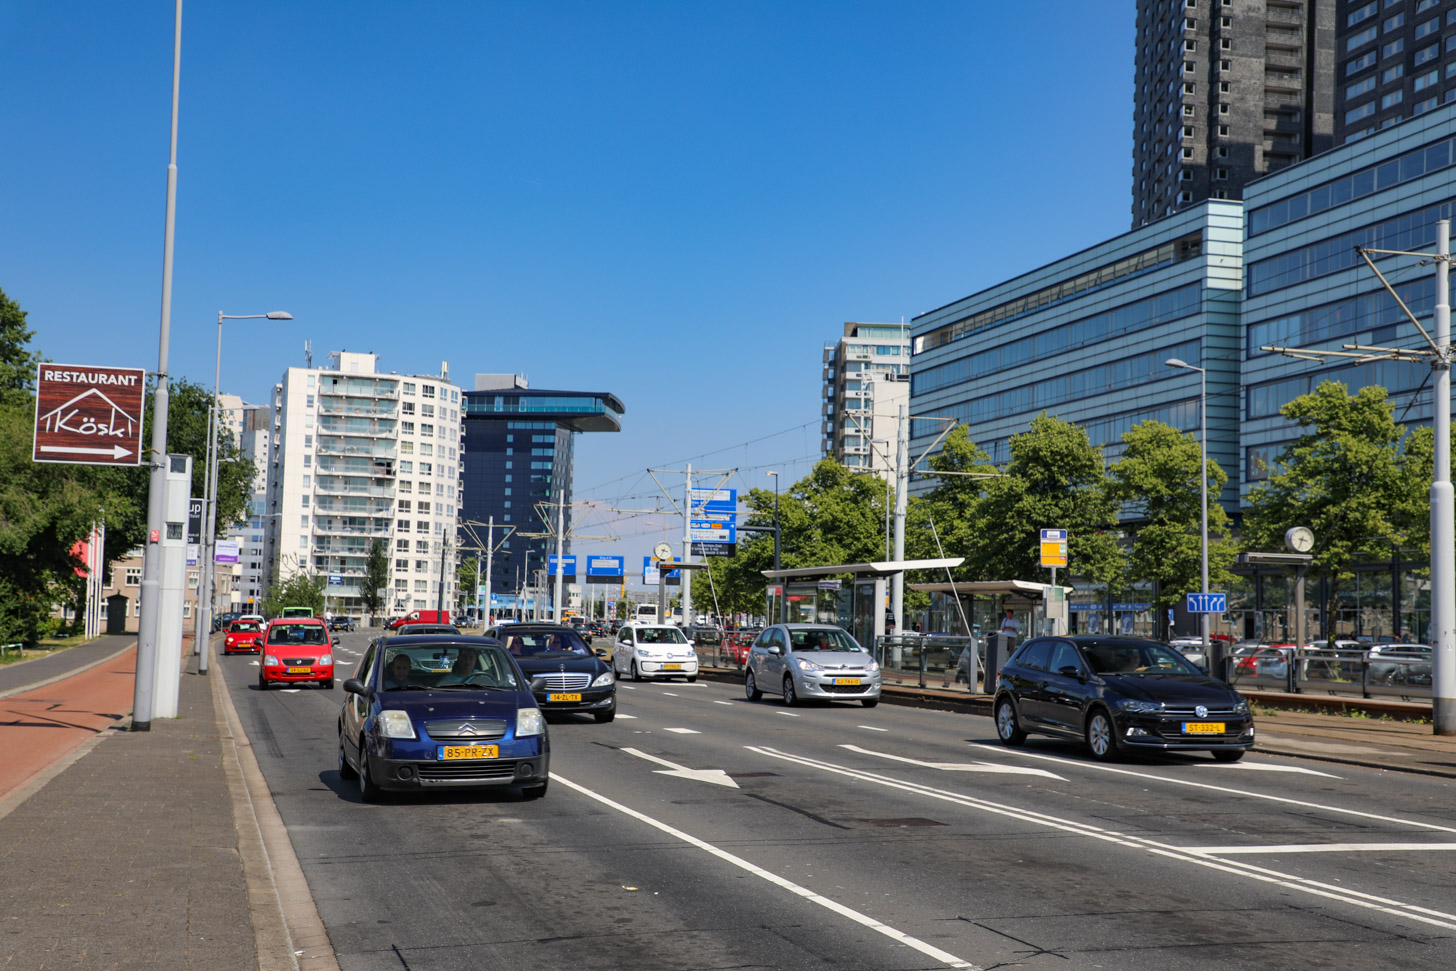 Met de auto naar Rotterdam reizen